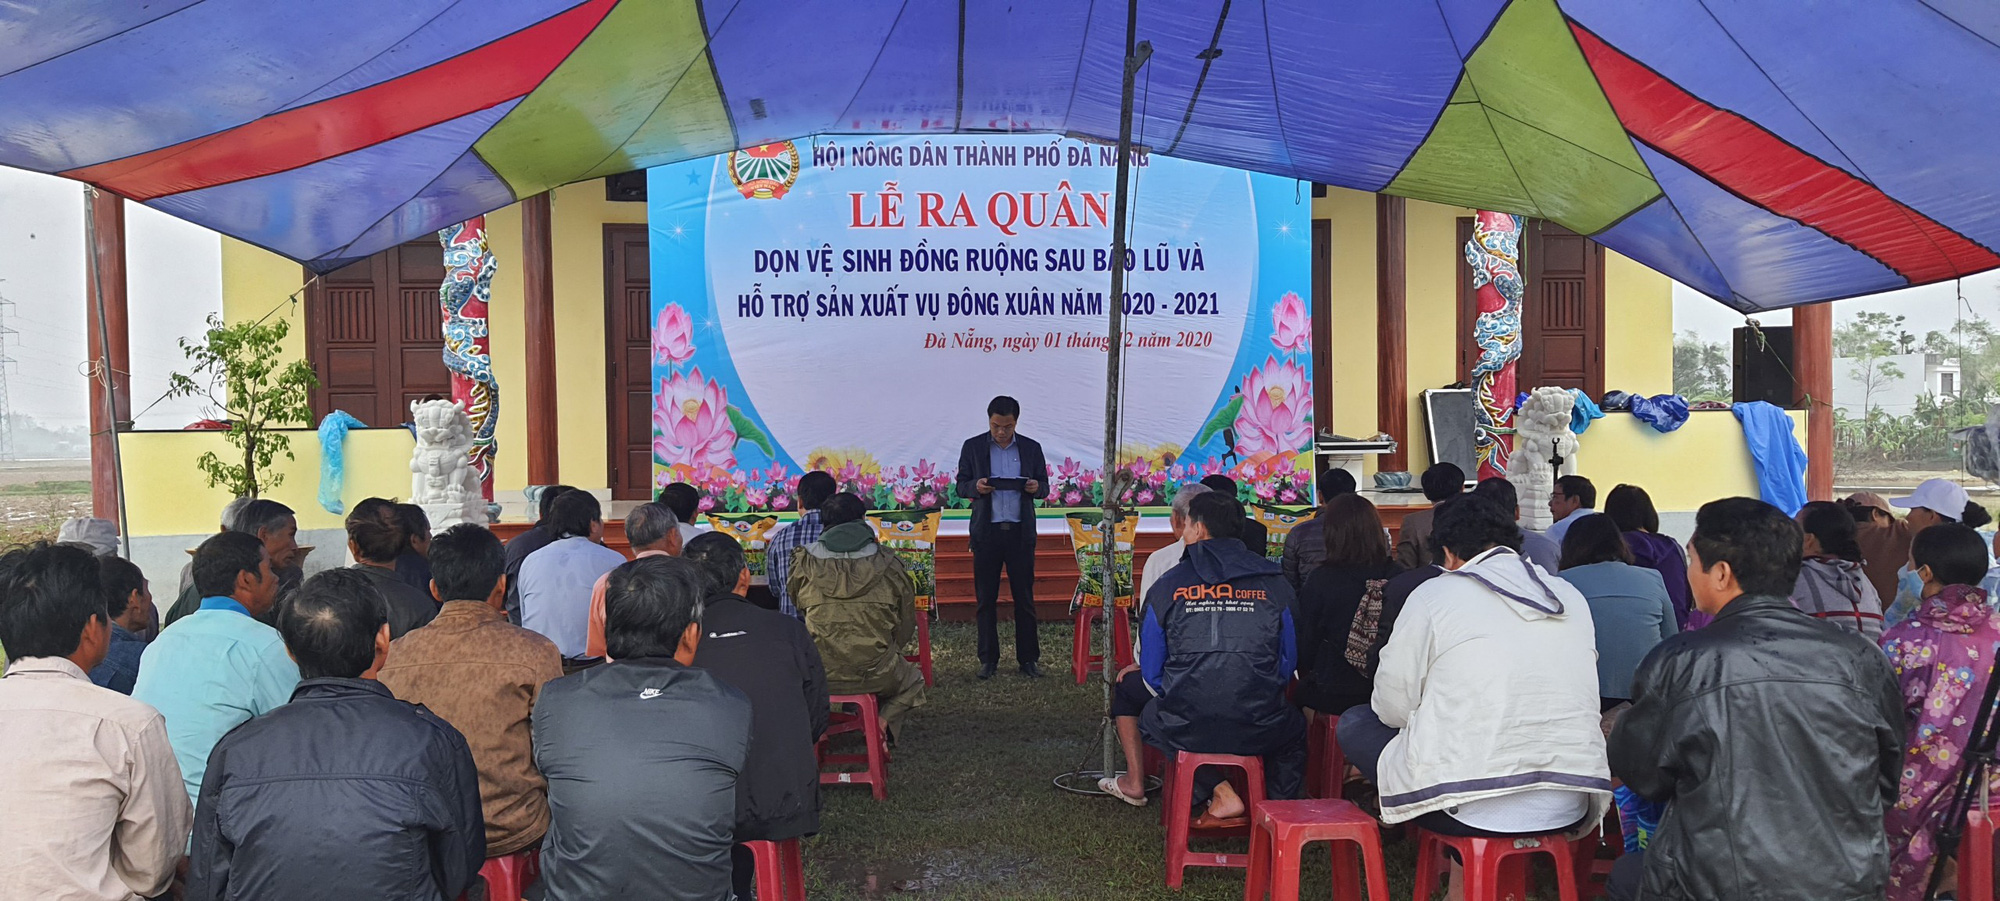 Hội Nông dân Đà Nẵng ra quân dọn vệ sinh đồng ruộng và hỗ trợ nông dân sản xuất sau bão lũ - Ảnh 2.